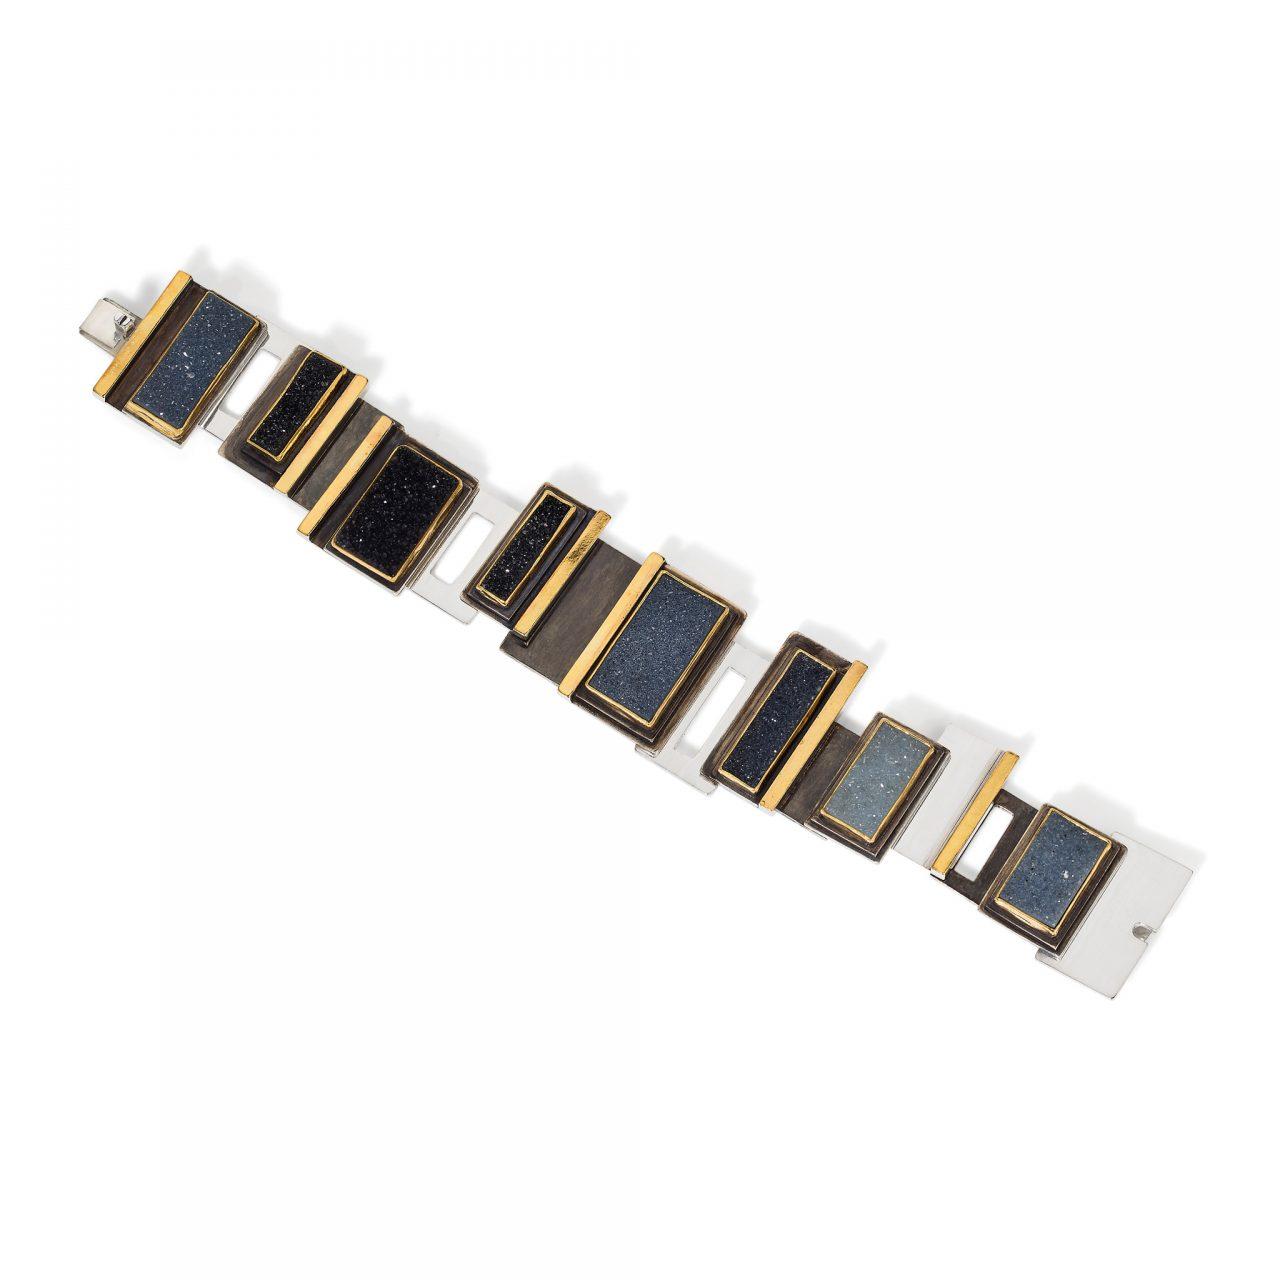 Bracelet with Druzies